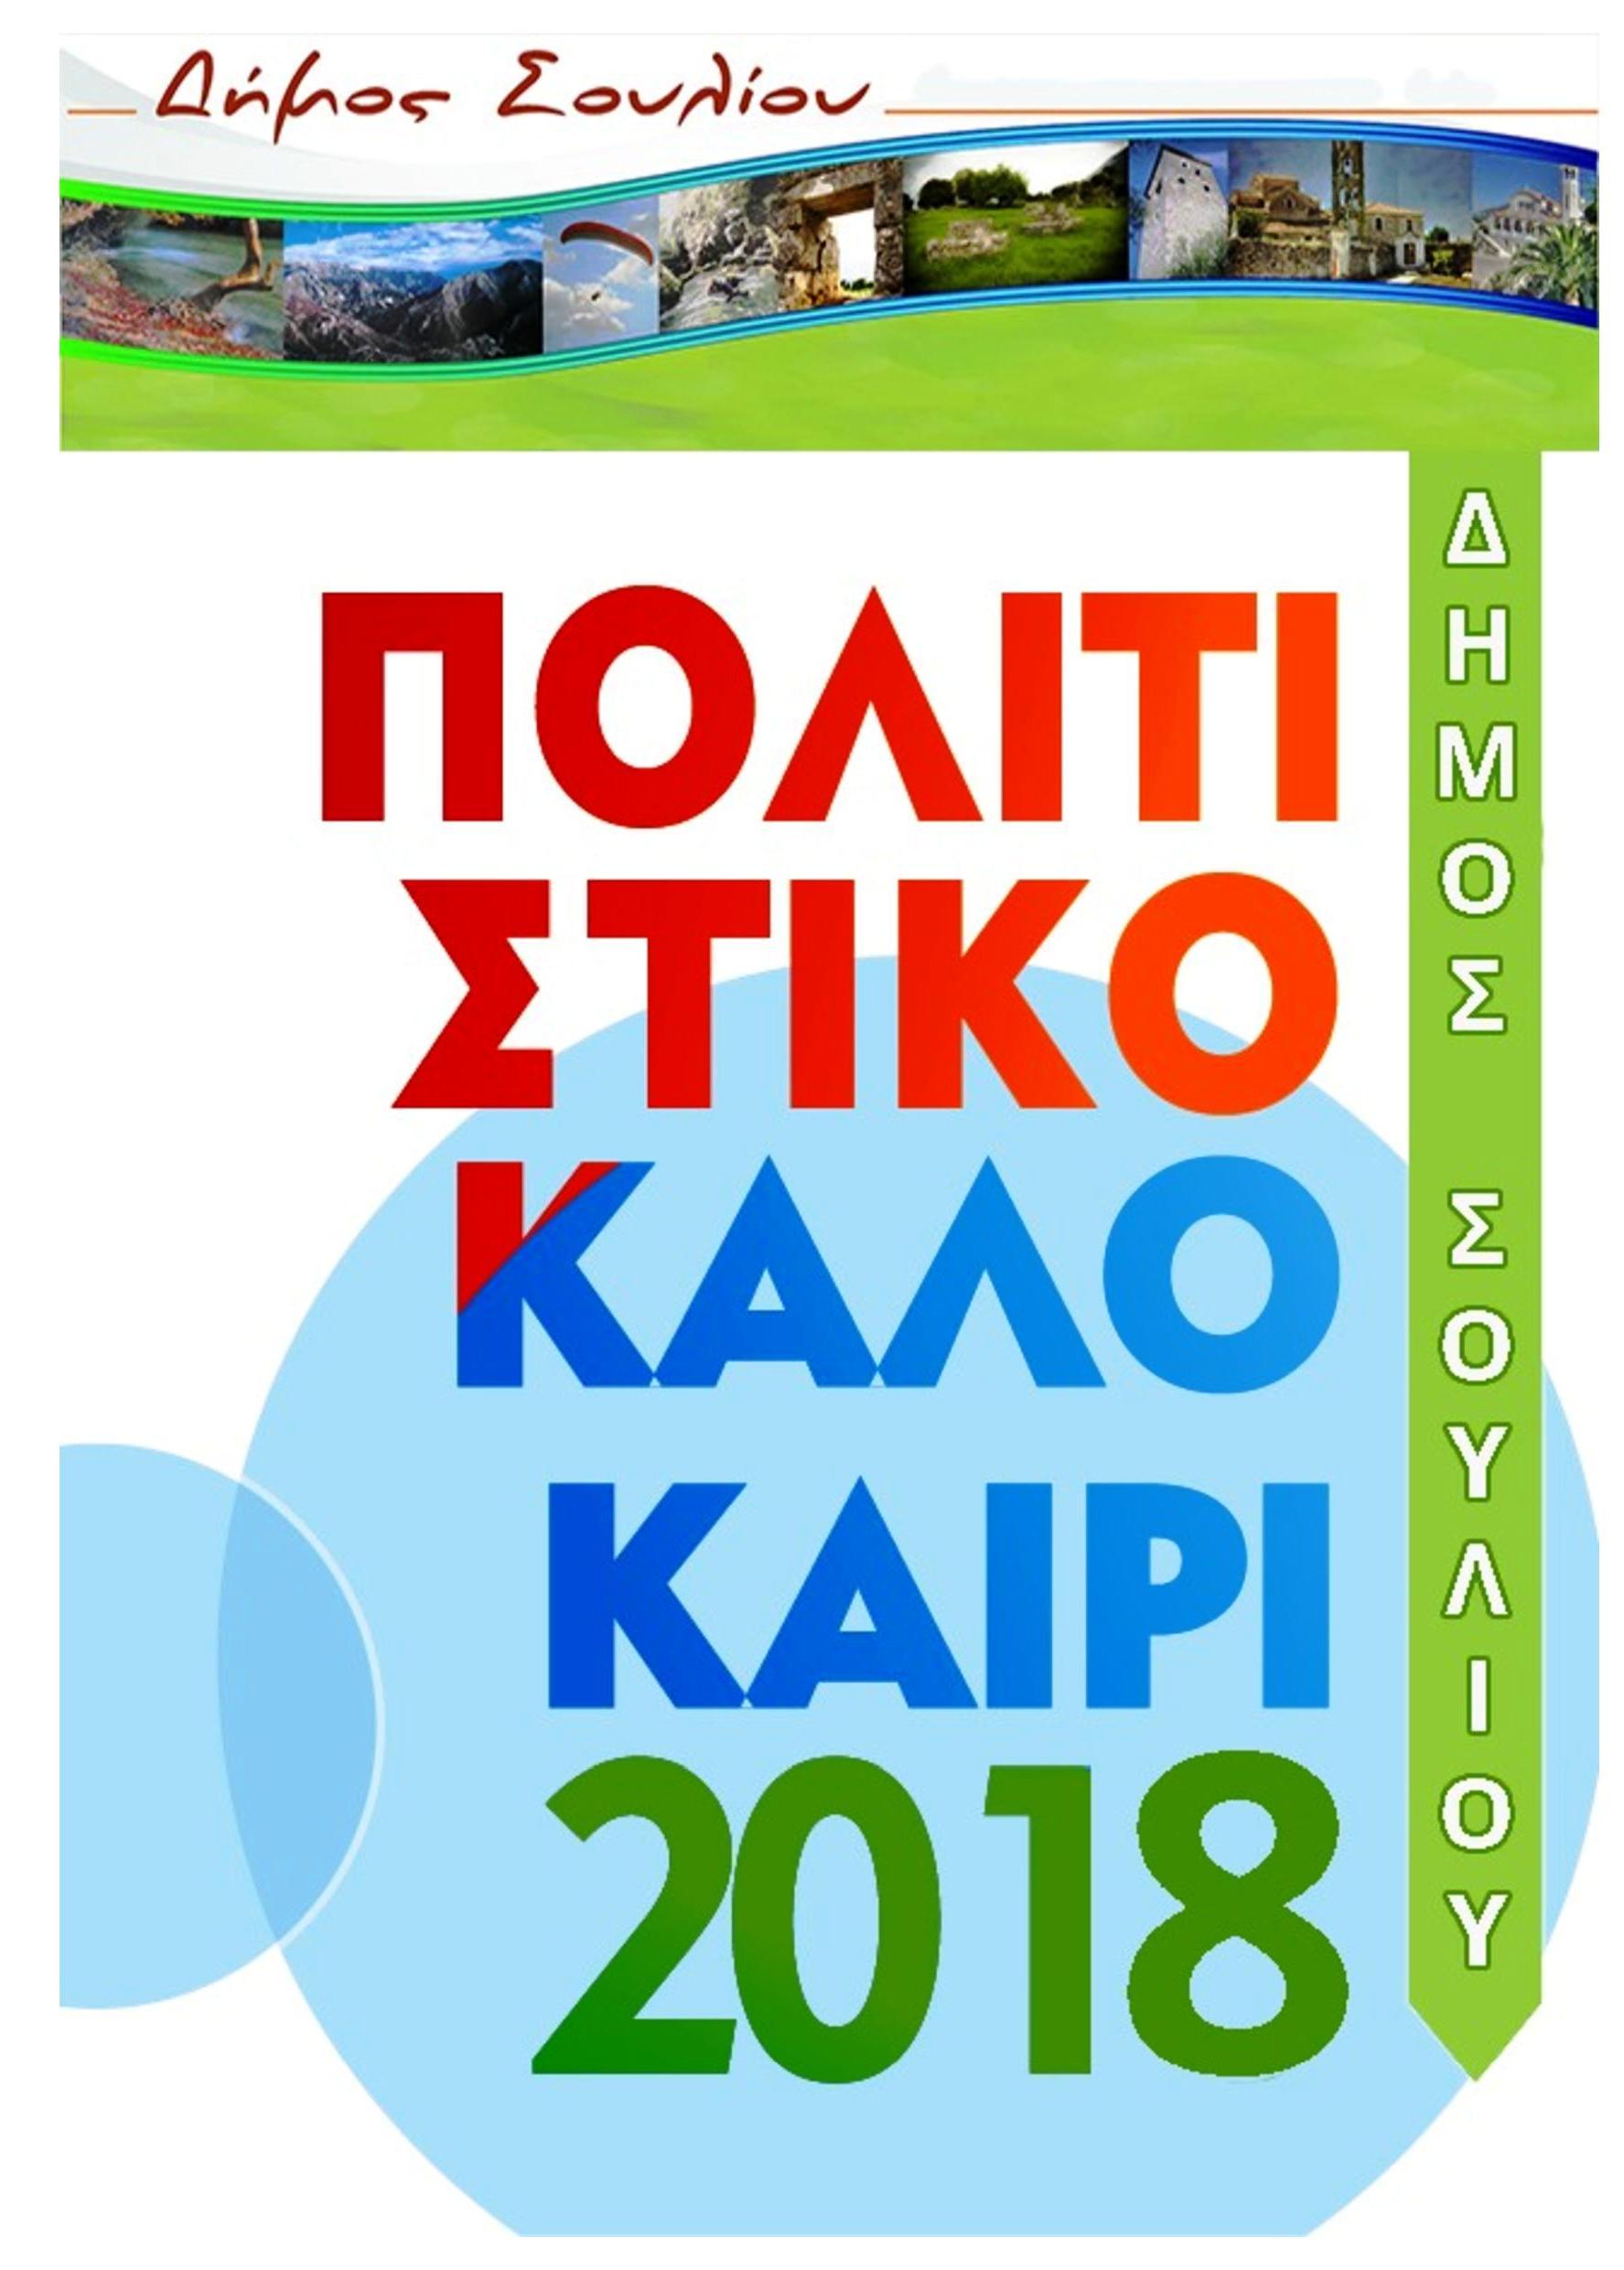 Πρόγραμμα Πολιτιστικών Εκδηλώσεων Δήμου Σουλίου 2018